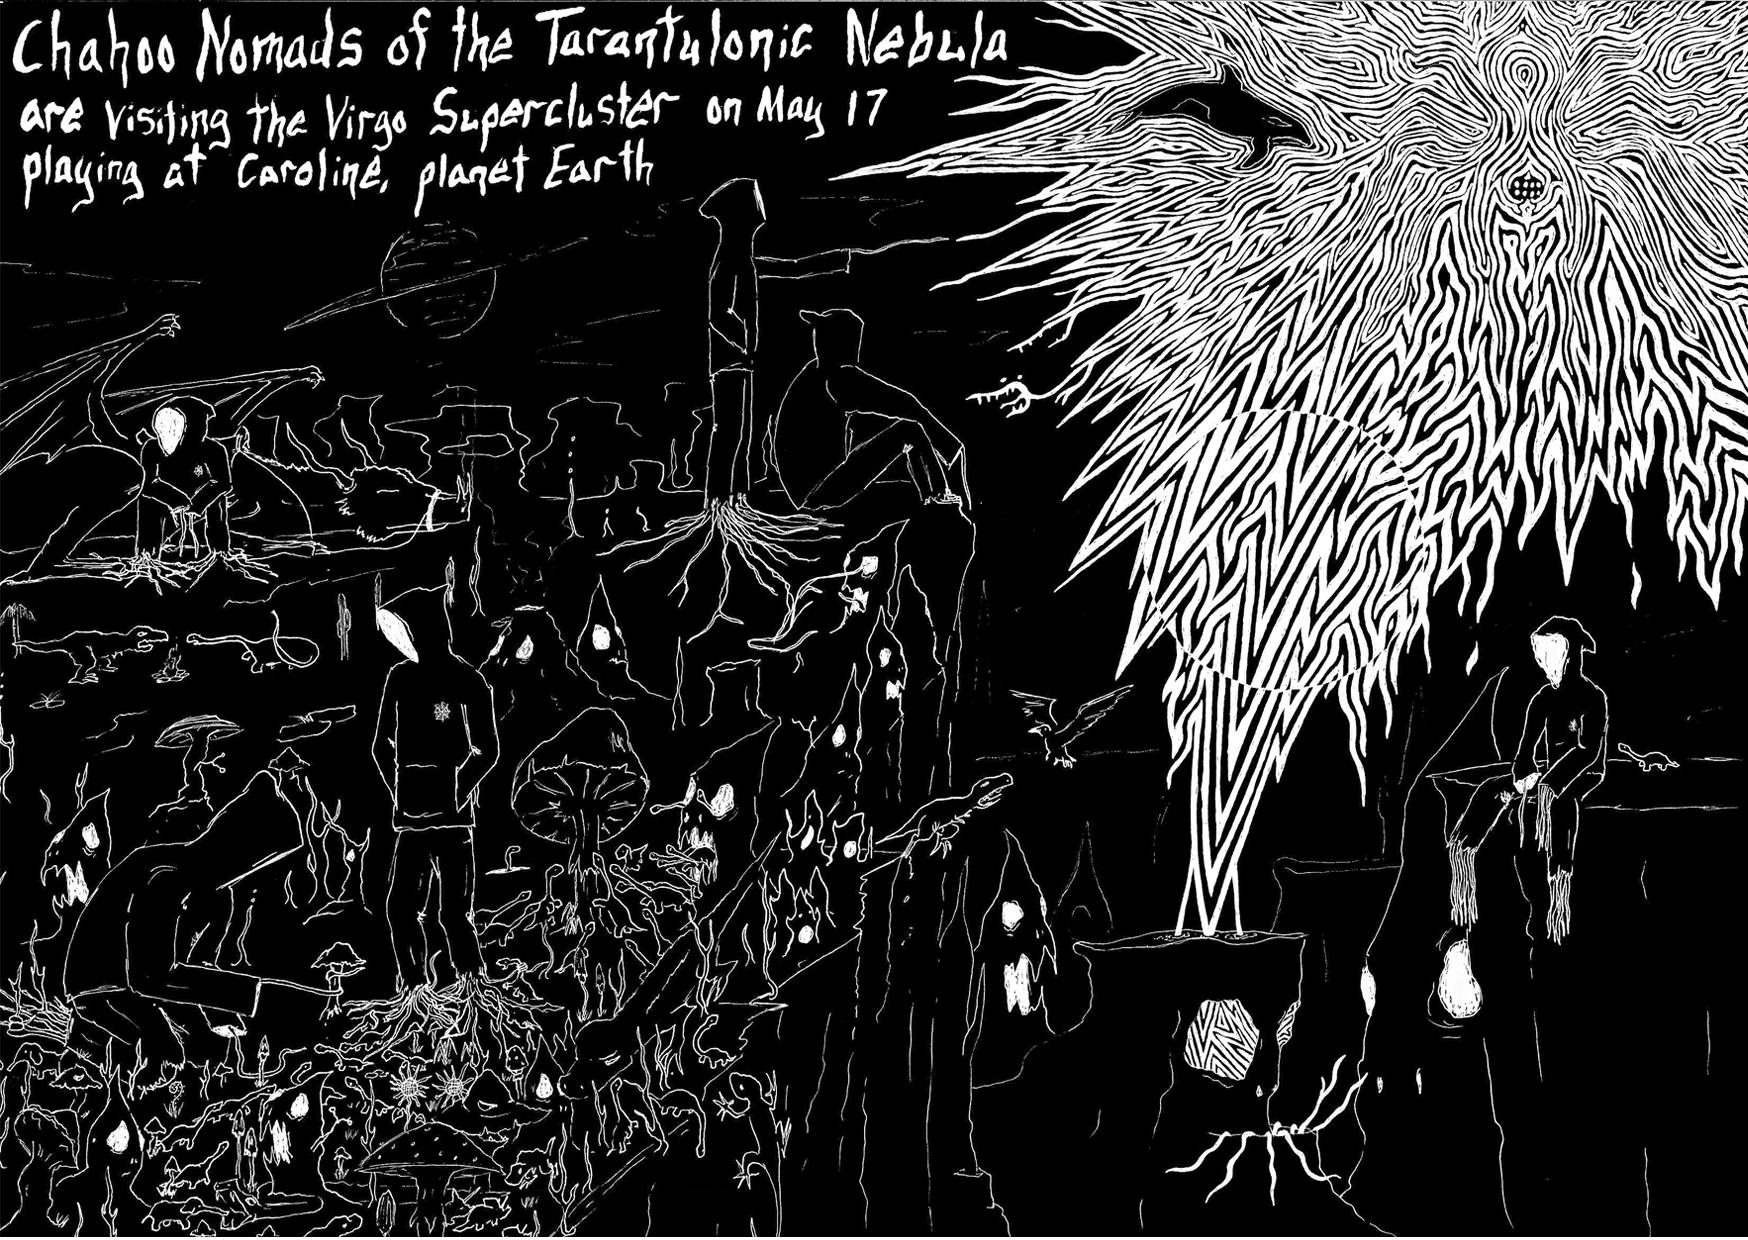 Chahoo Nomads Of The Tarantulonic Nebula